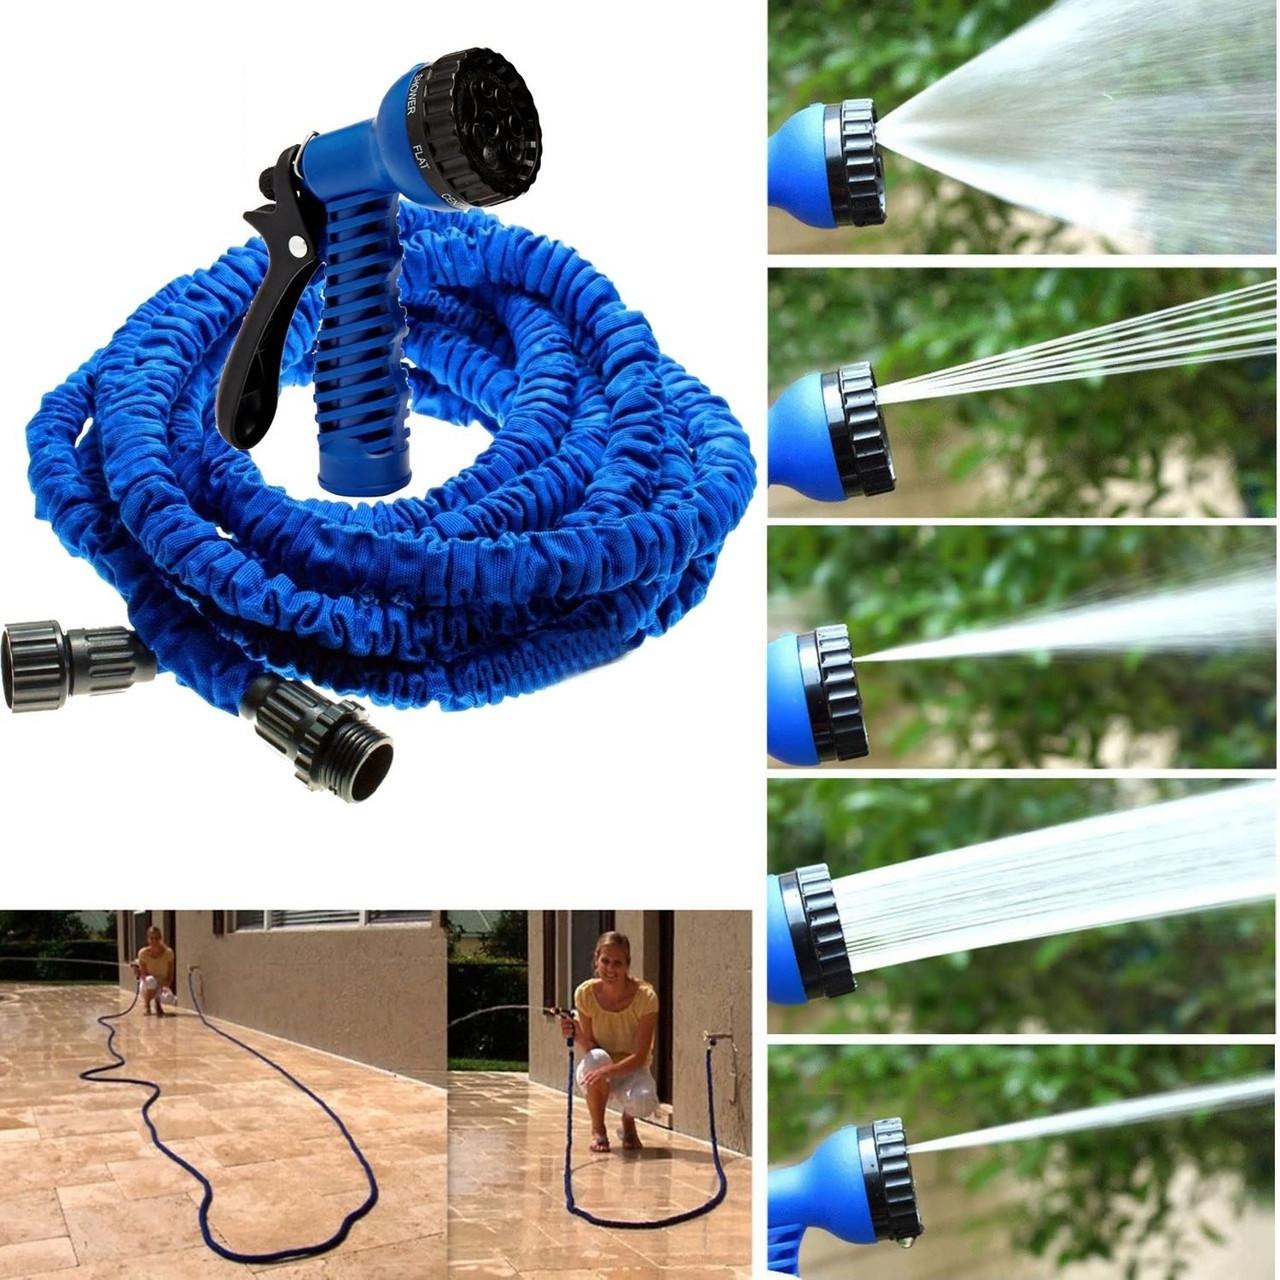 Шланг Magic-hose 45 метров, садовый, растягивающийся для полива с распылителе.